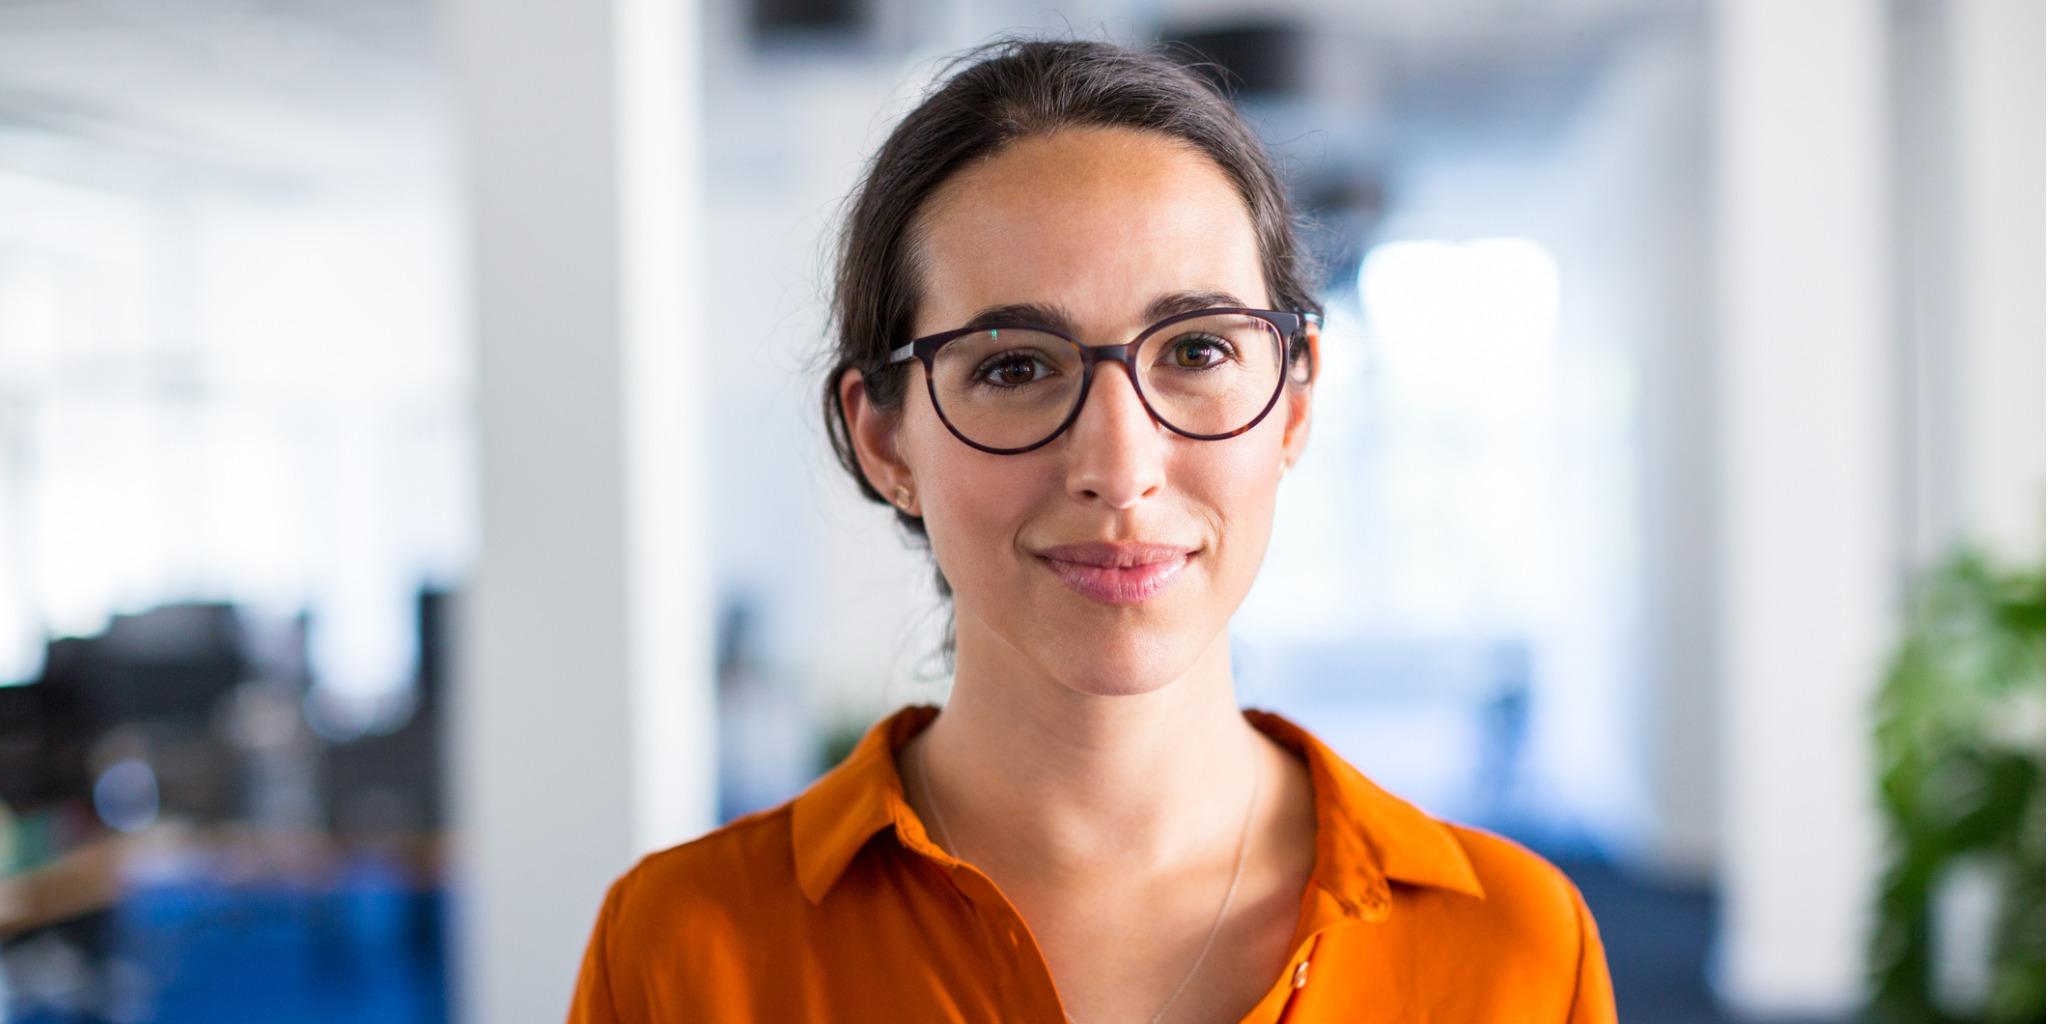 Orange Logic employee with glasses